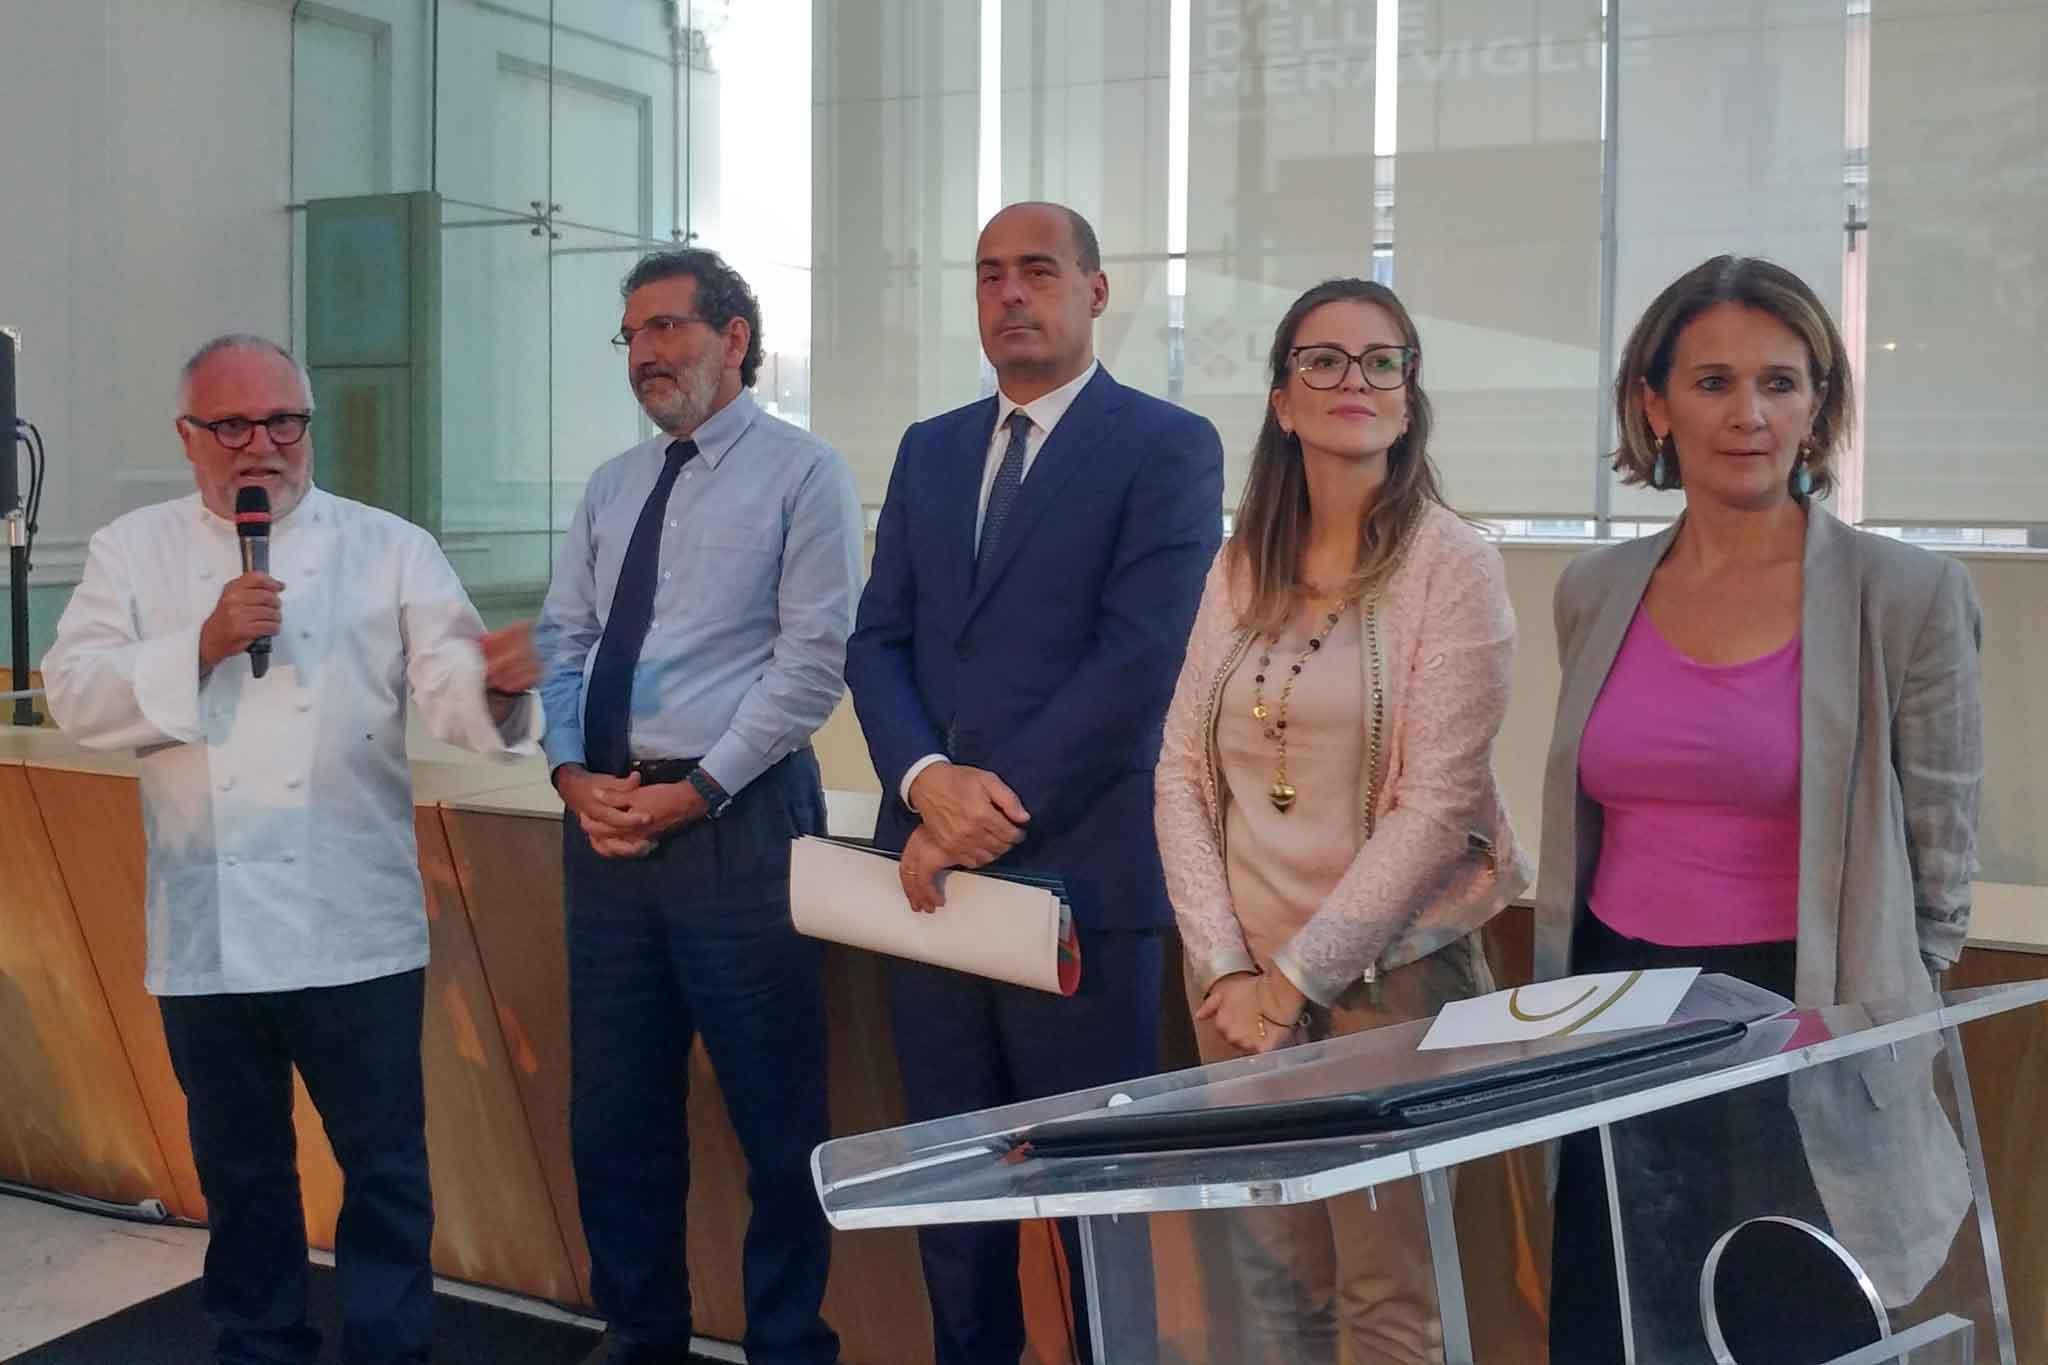 Roma. Antonello Colonna apre un nuovo bistrot a Termini e ...